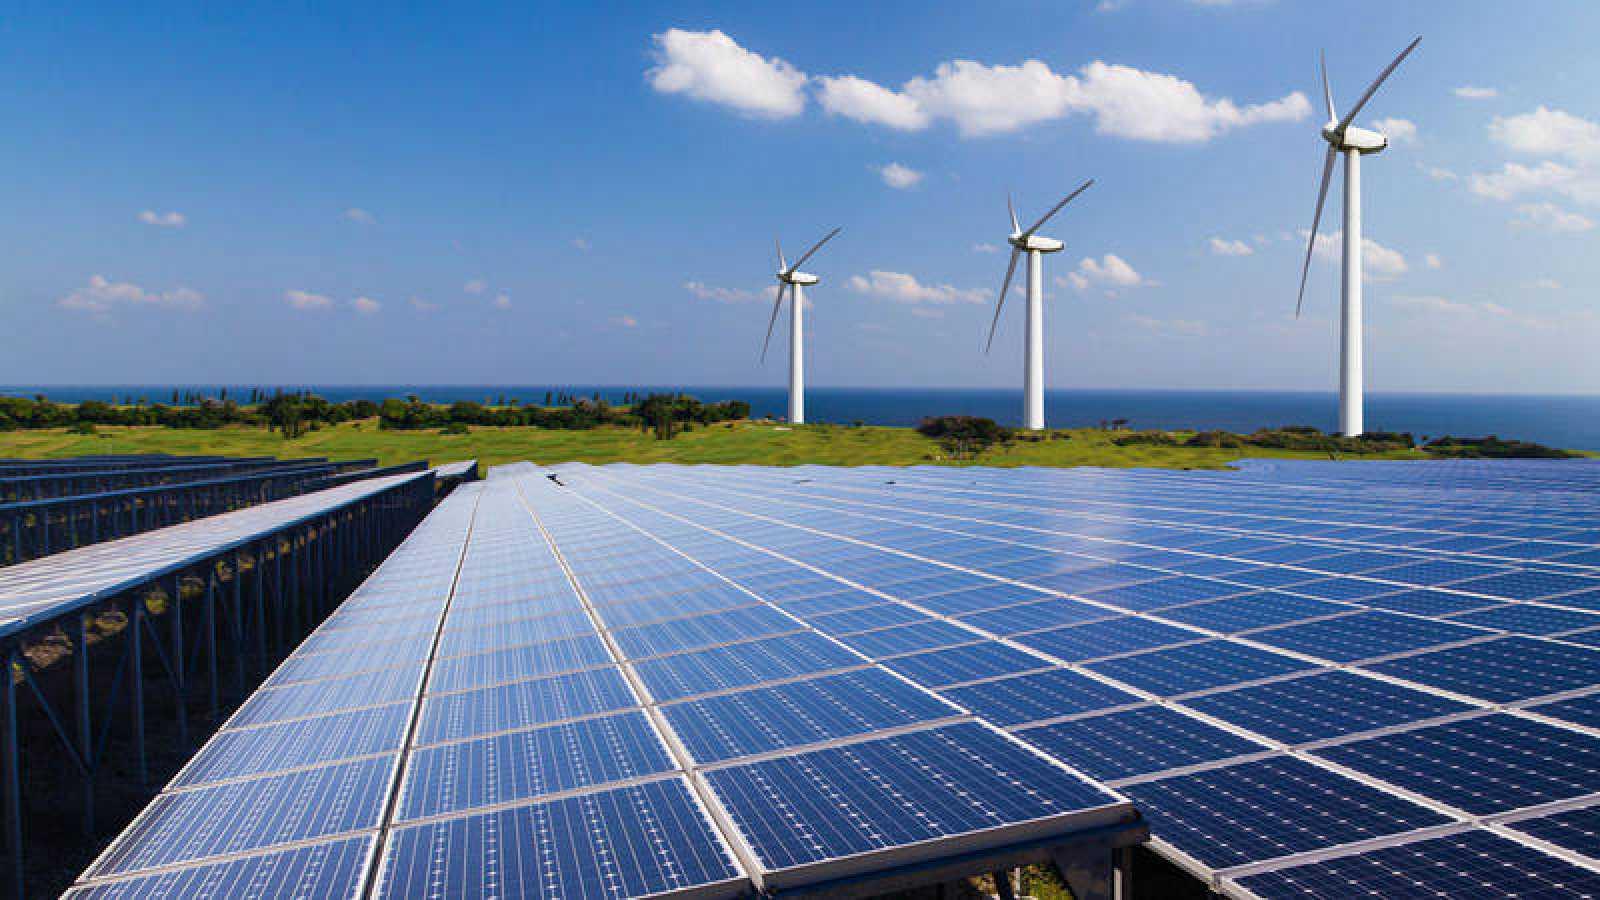 El orden global 'piensa en verde': cómo convertir el cambio climático en beneficios para el inversor